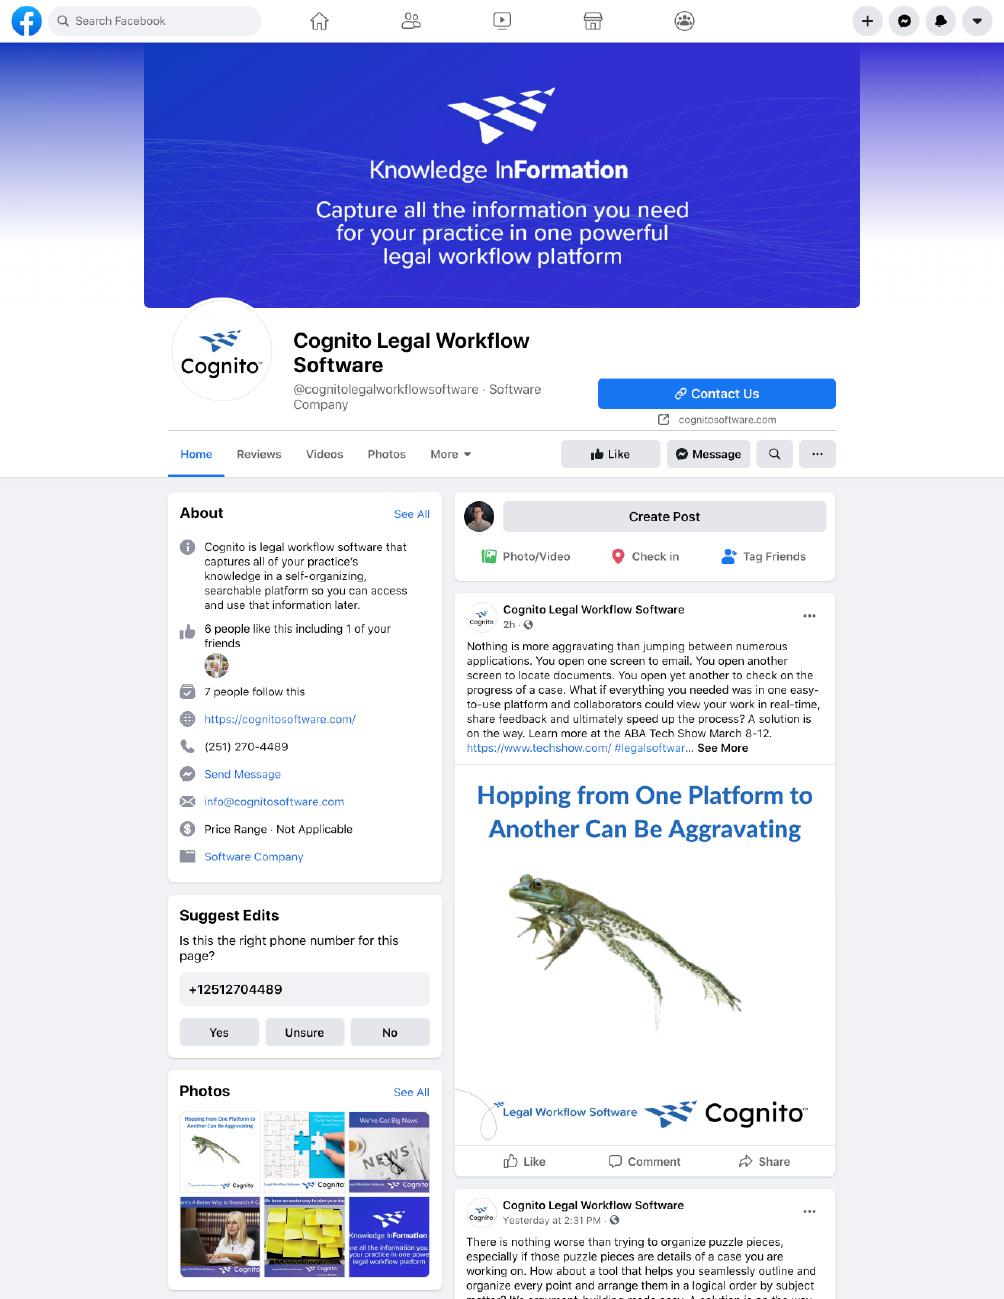 Cognito FaceBook Page